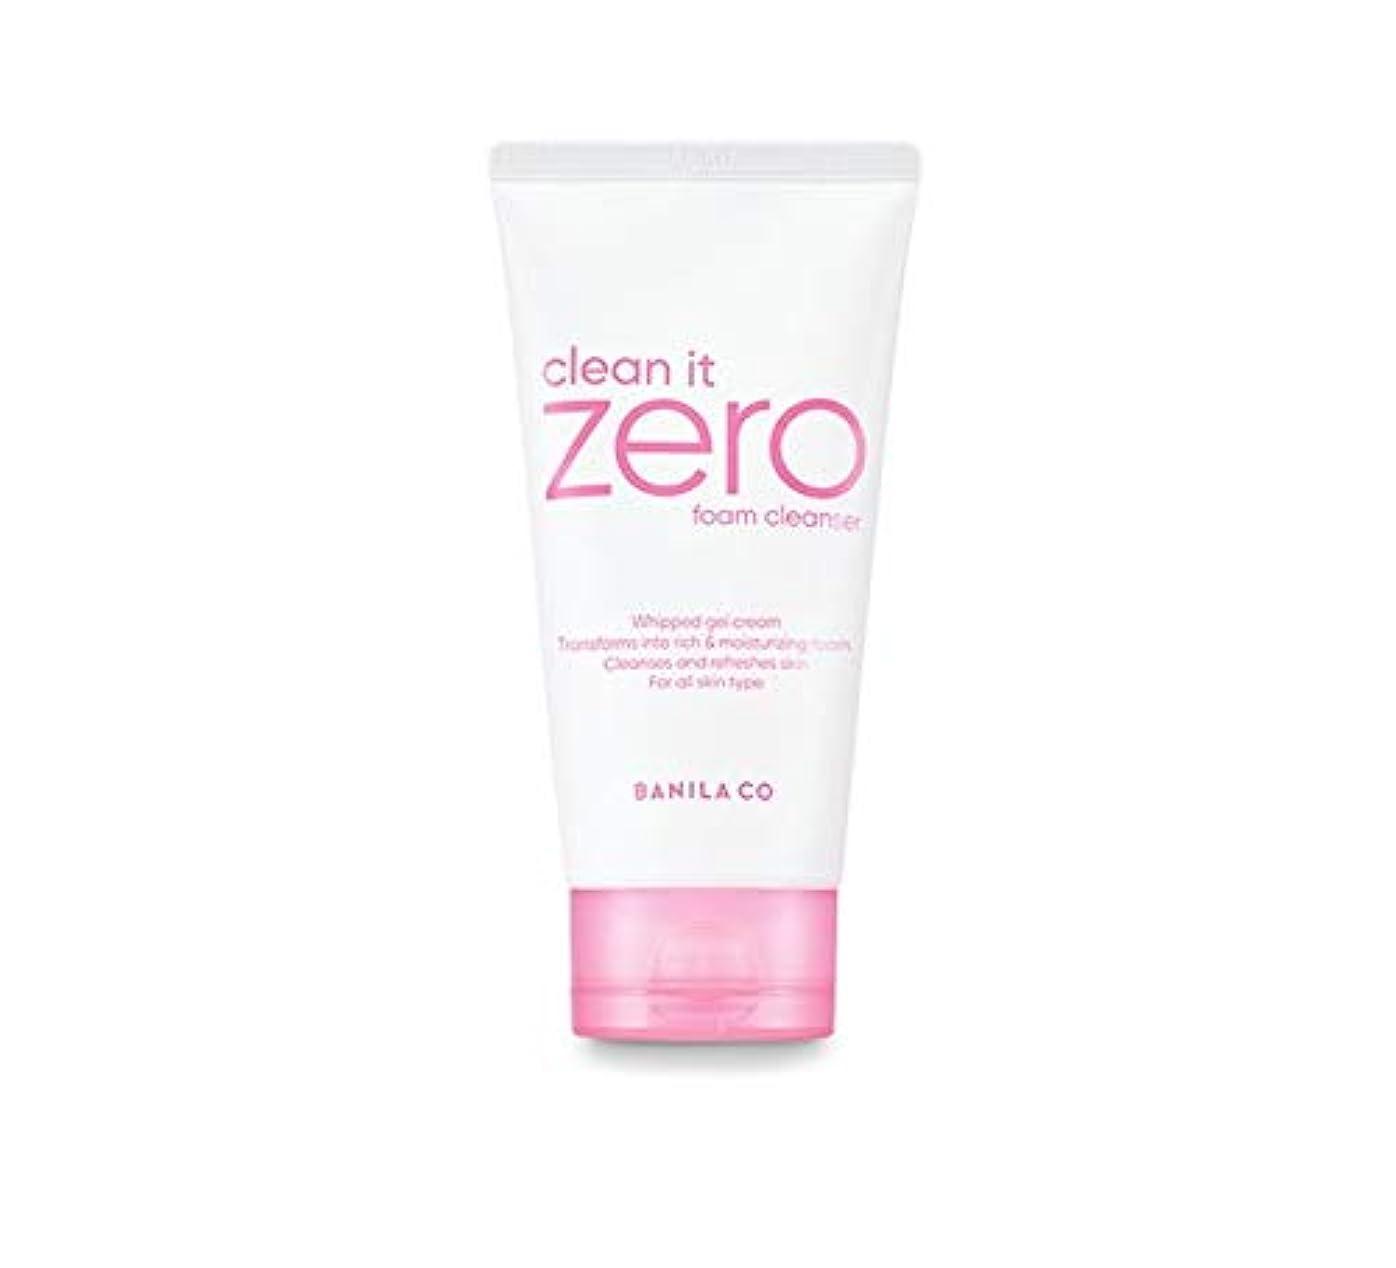 記者詐欺師アルコーブbanilaco クリーンイットゼロフォームクレンザー/Clean It Zero Foam Cleanser 150ml [並行輸入品]